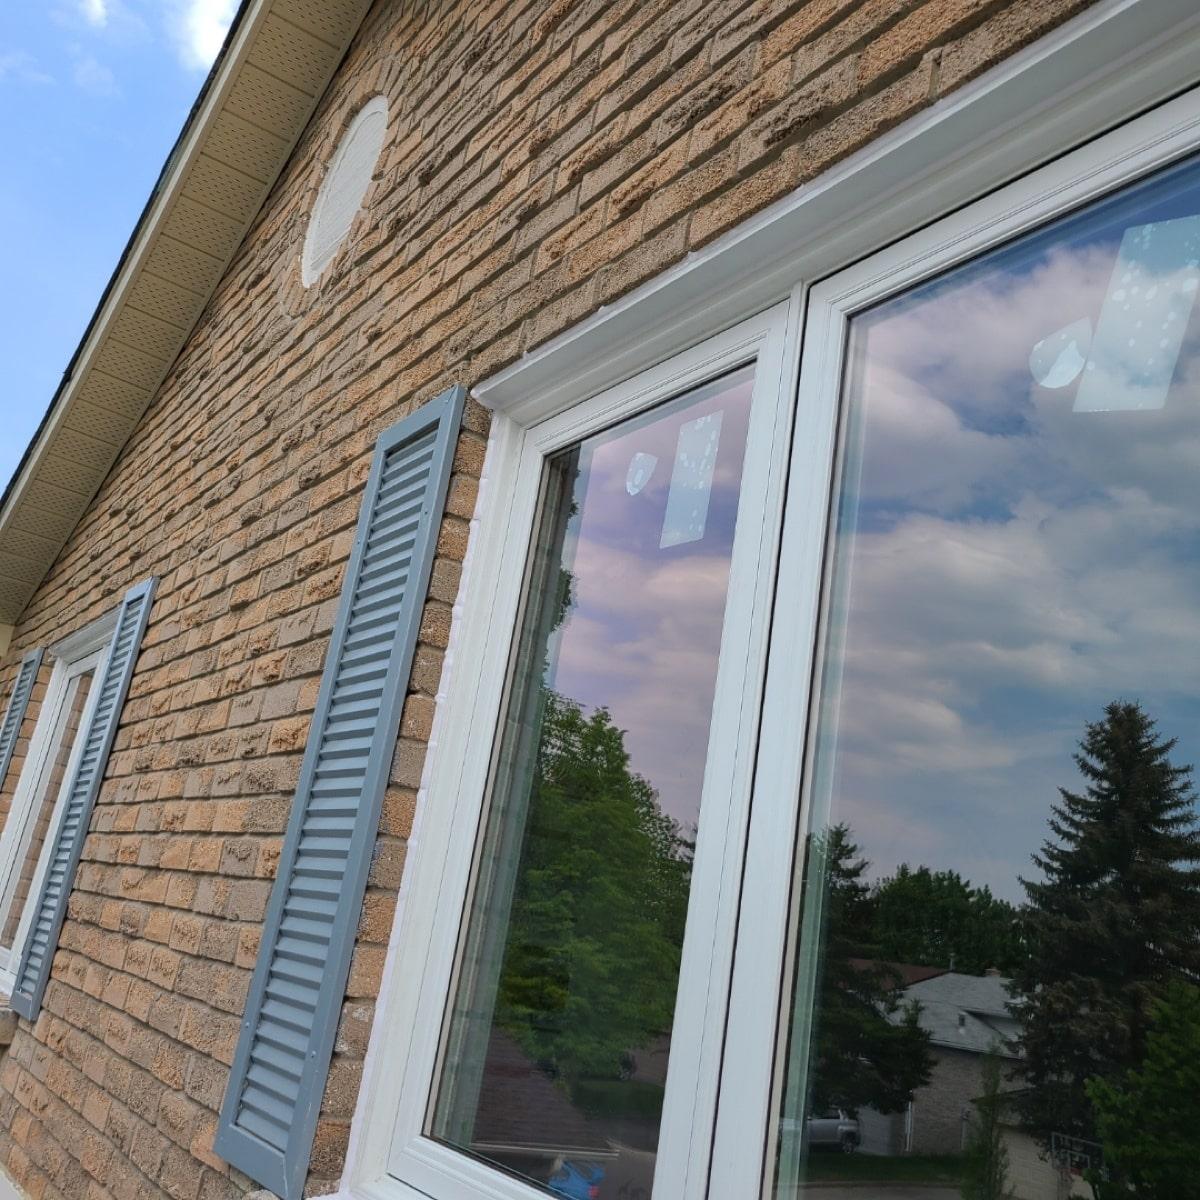 Second Floor Window Replacement in Markham